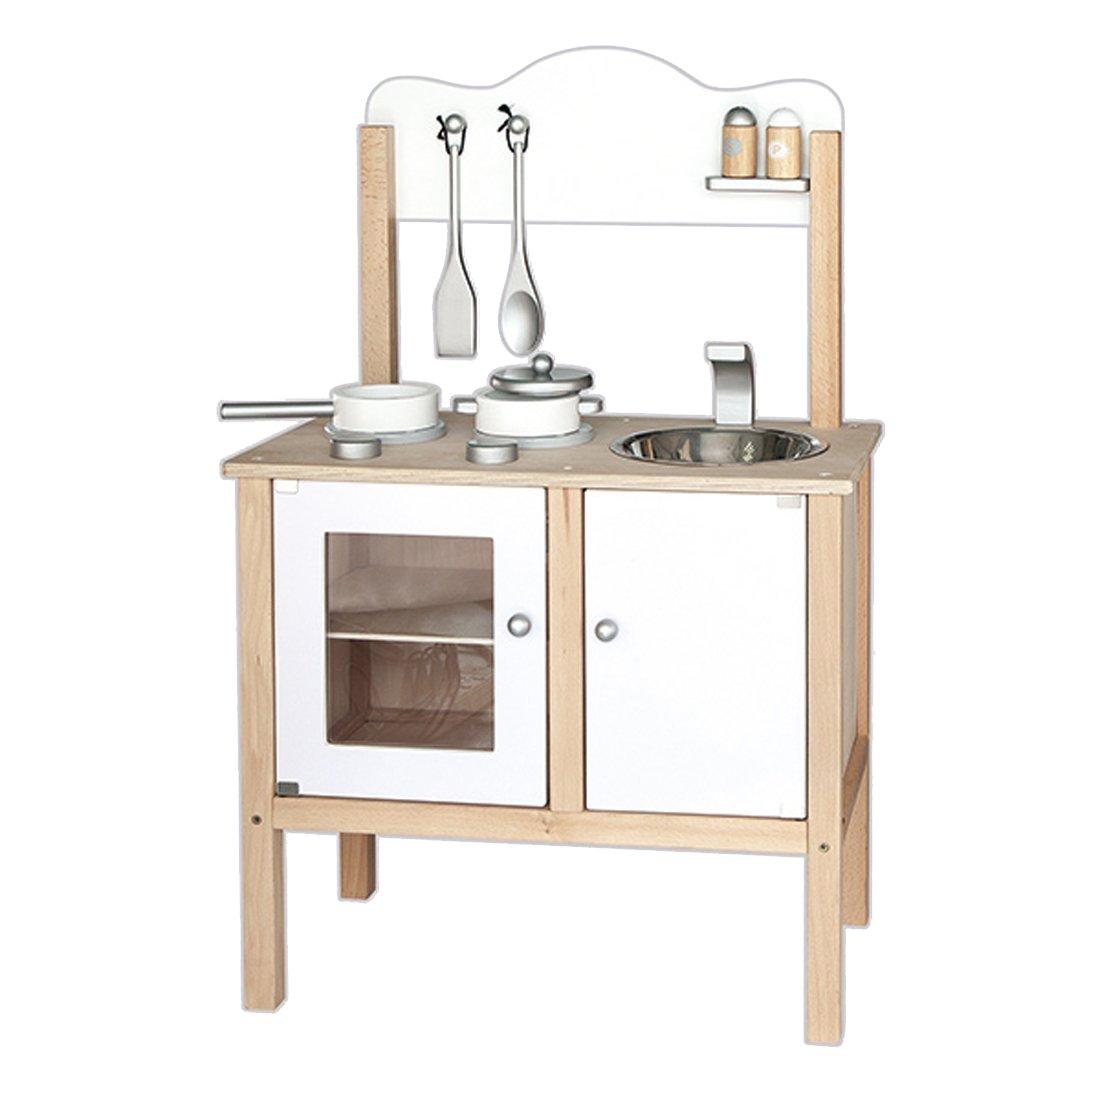 Skarb za szkiełkiem Kuchnia serce domu -> Ikea Kuchnia Dla Dzieci Drewniana